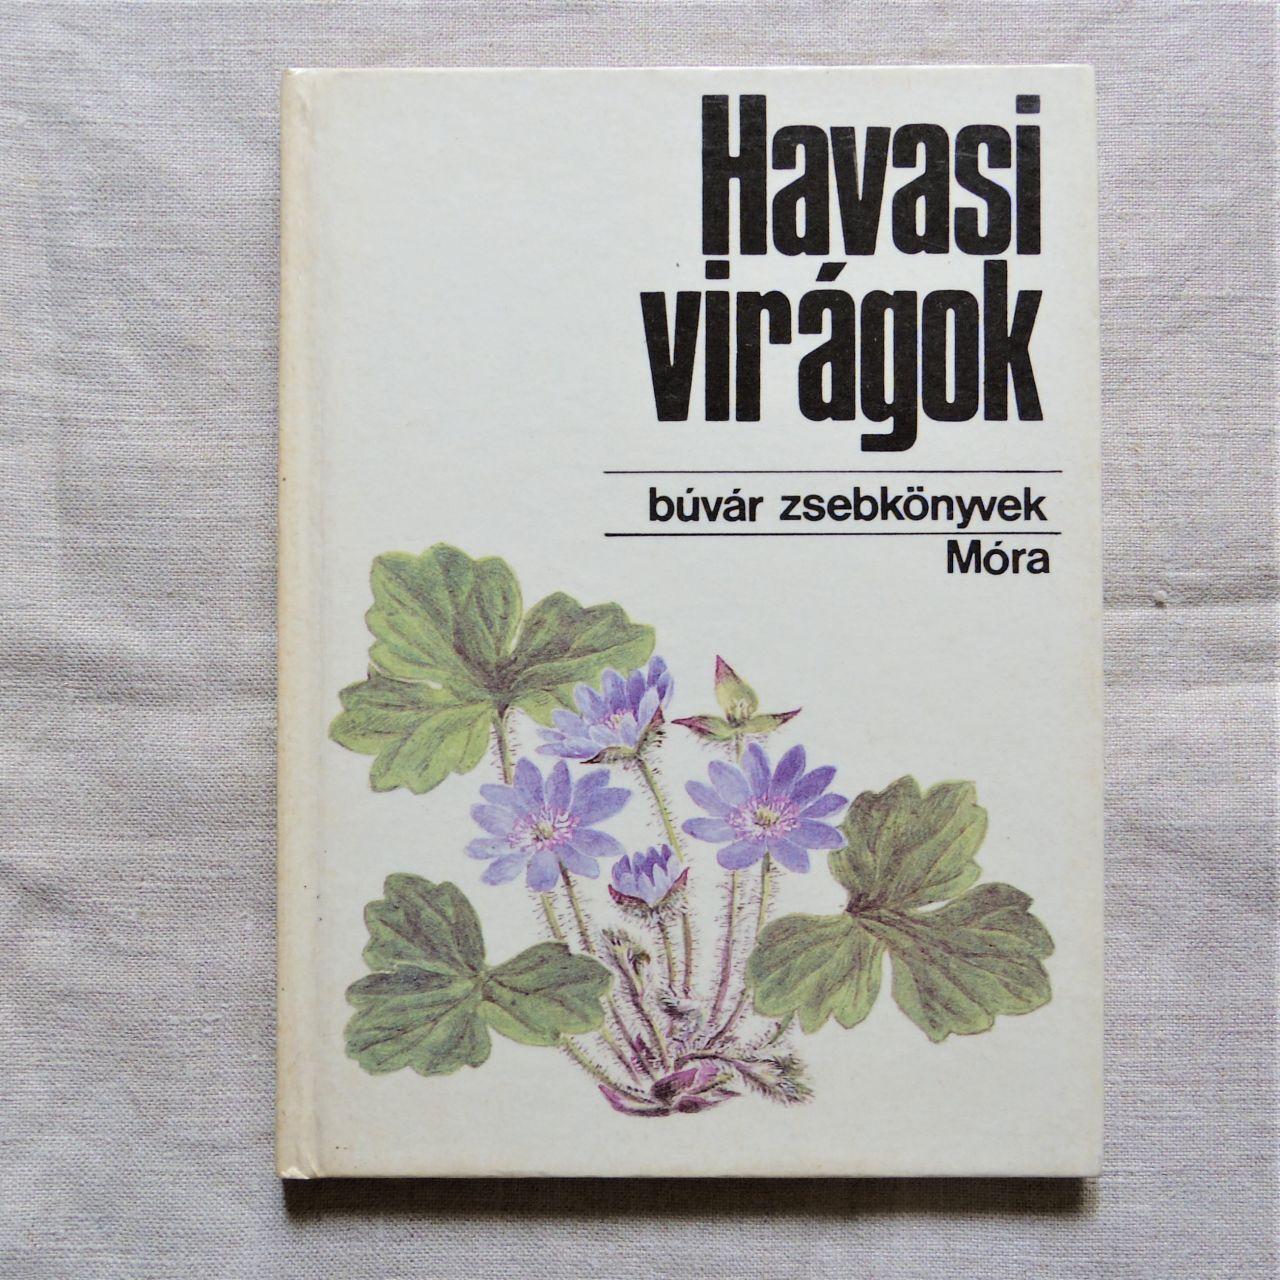 #エア蚤の市 ハンガリーのポケット図鑑⑧